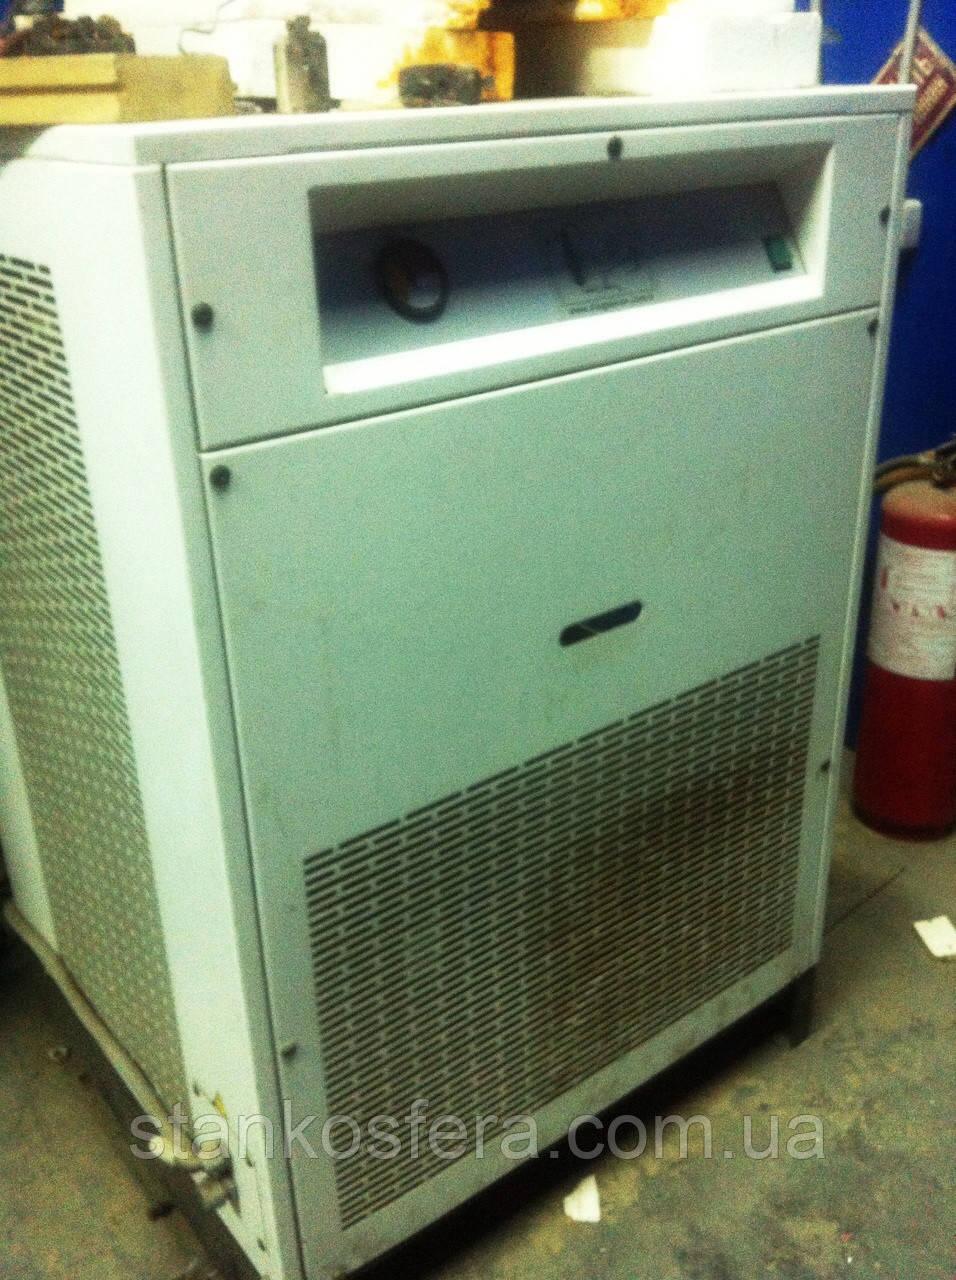 Винтовой компрессор бу Dalgakiran DVK75 с осушителем и ресиверами для сжатого воздуха